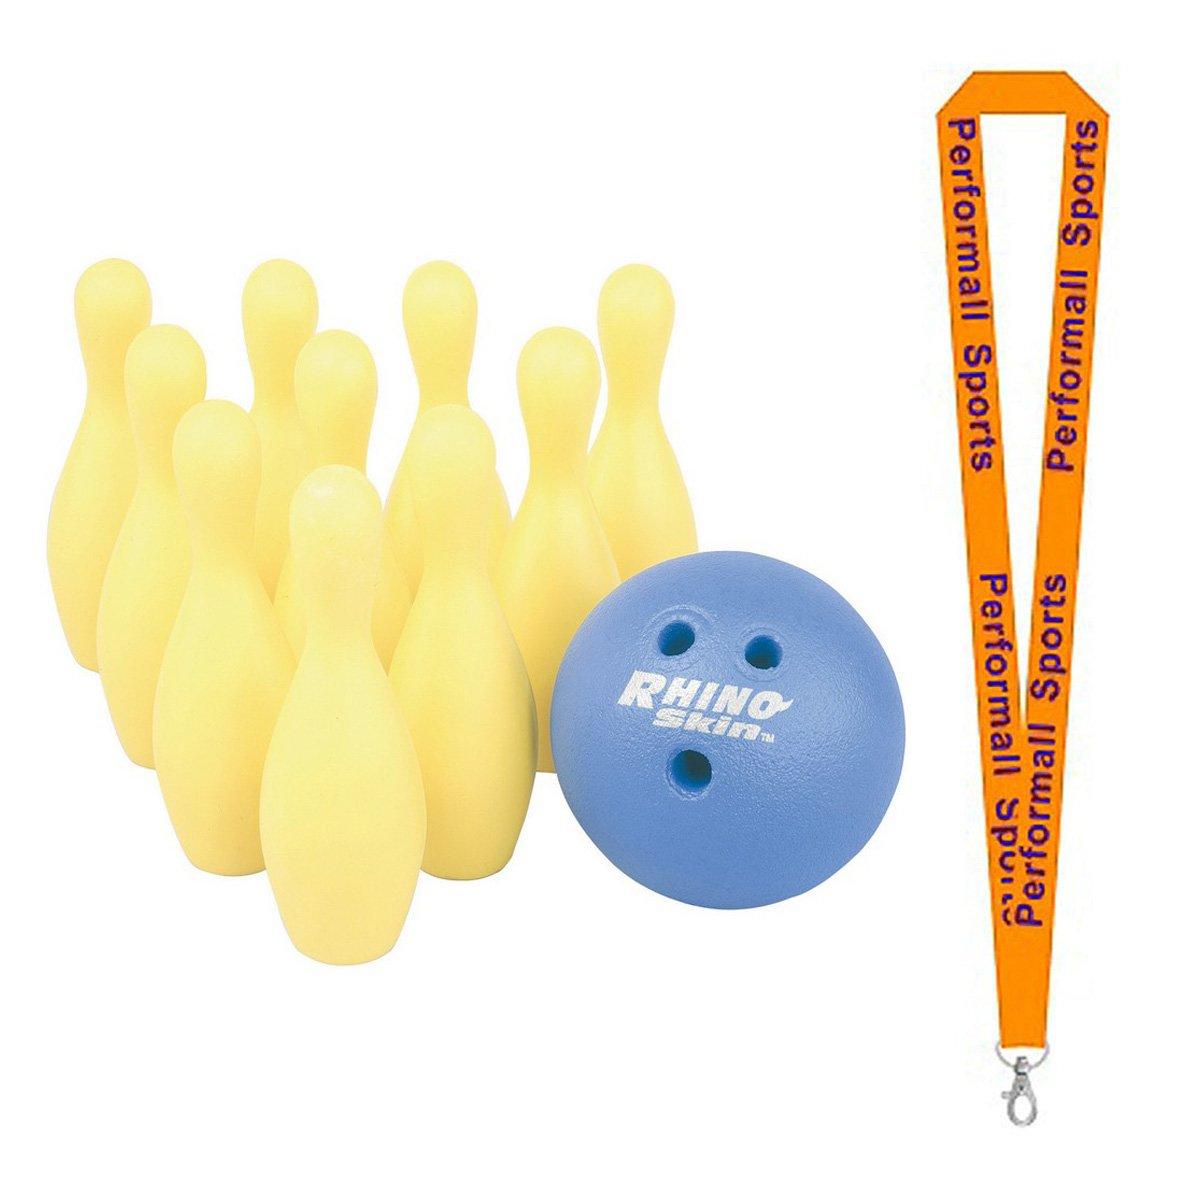 衝撃特価 ChampionスポーツFoam Bowling Pin Setイエローwith 1 B01FSZ54UW performall fbpinset-1p Lanyard fbpinset-1p 1 B01FSZ54UW, 笑印堂:0d2c2610 --- ciadaterra.com